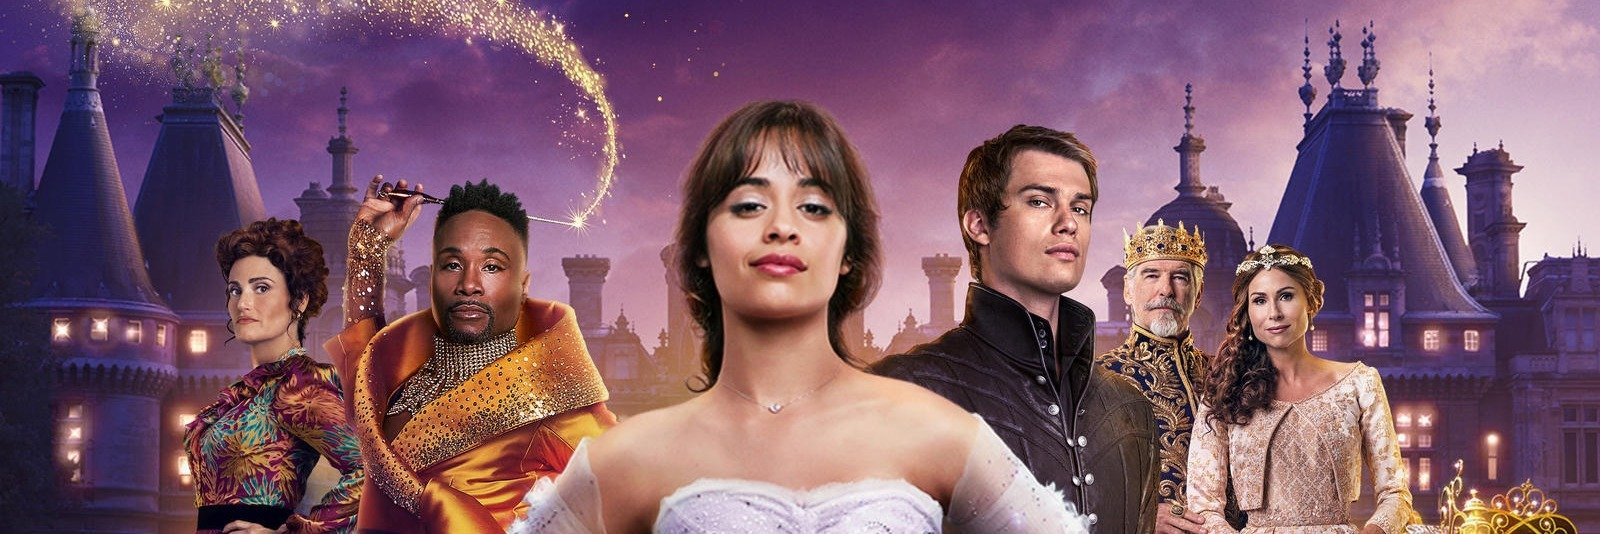 """Przedstawiamy: płyta z muzyką do filmu """"Cinderella""""."""